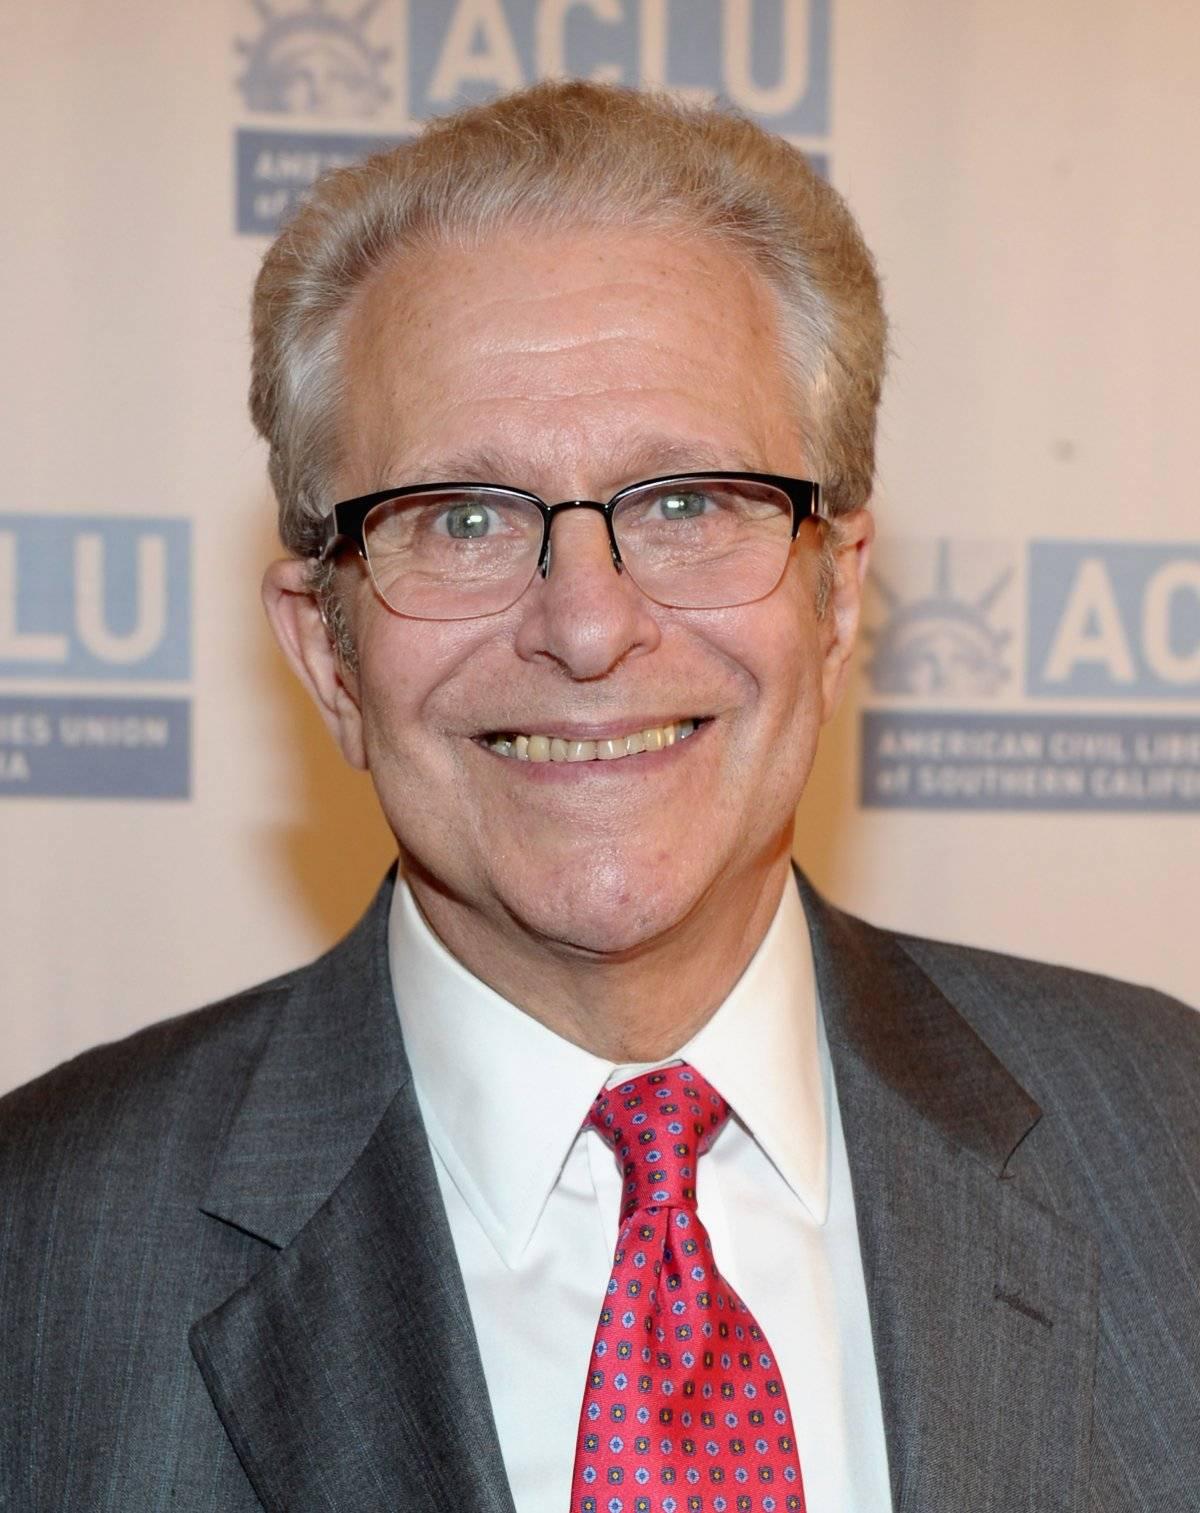 Laurence H. Trib, Profesor de derecho constitucional en la Escuela de Derecho de Harvard.